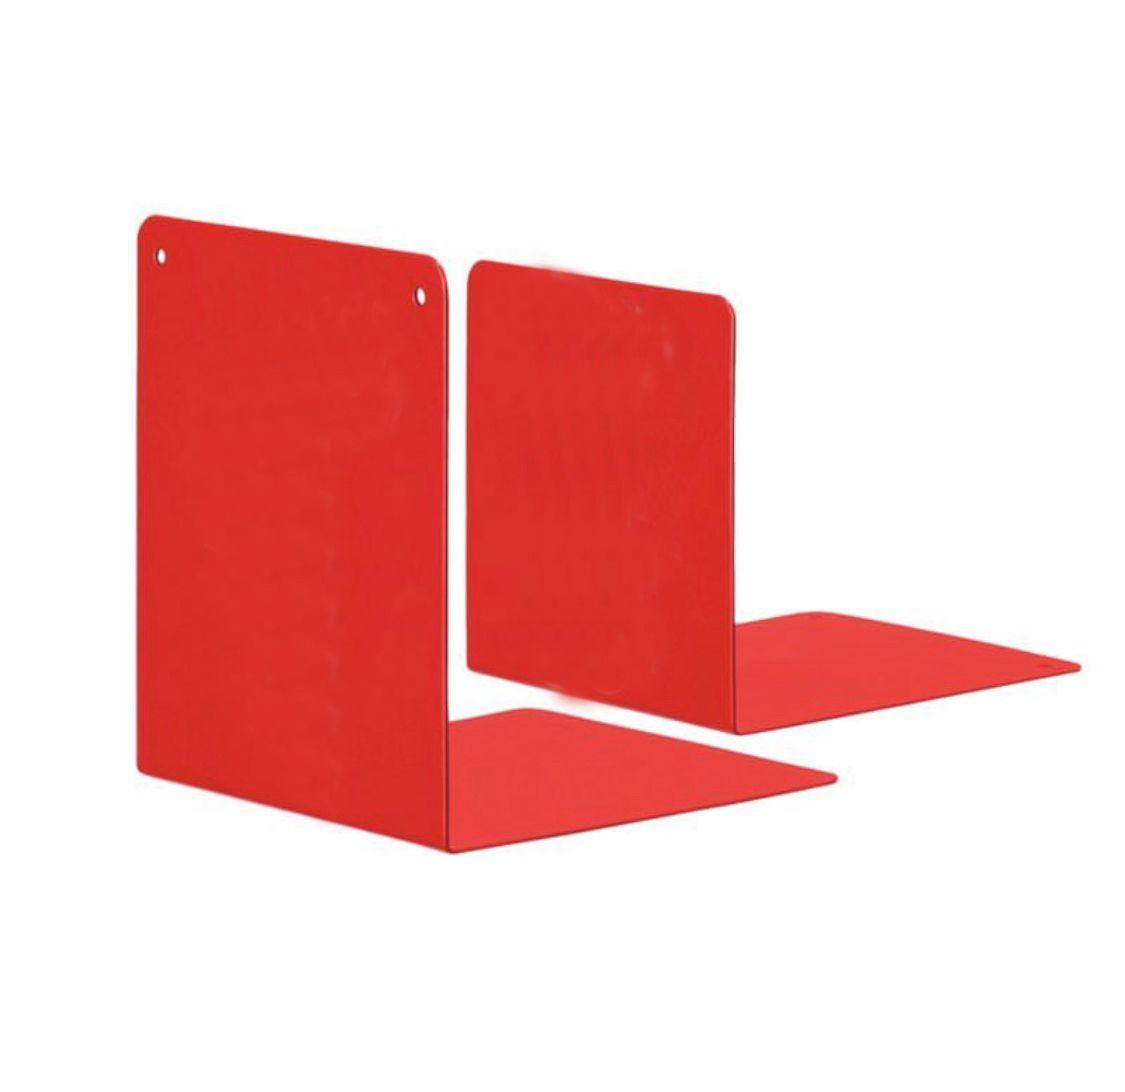 بسيطة الحديد المعدن l الشكل توفير طلاب الفضاء الكرتون دفغ الكتفين مكتب حامل مكتب مكتب دفارات كتاب تنظيم